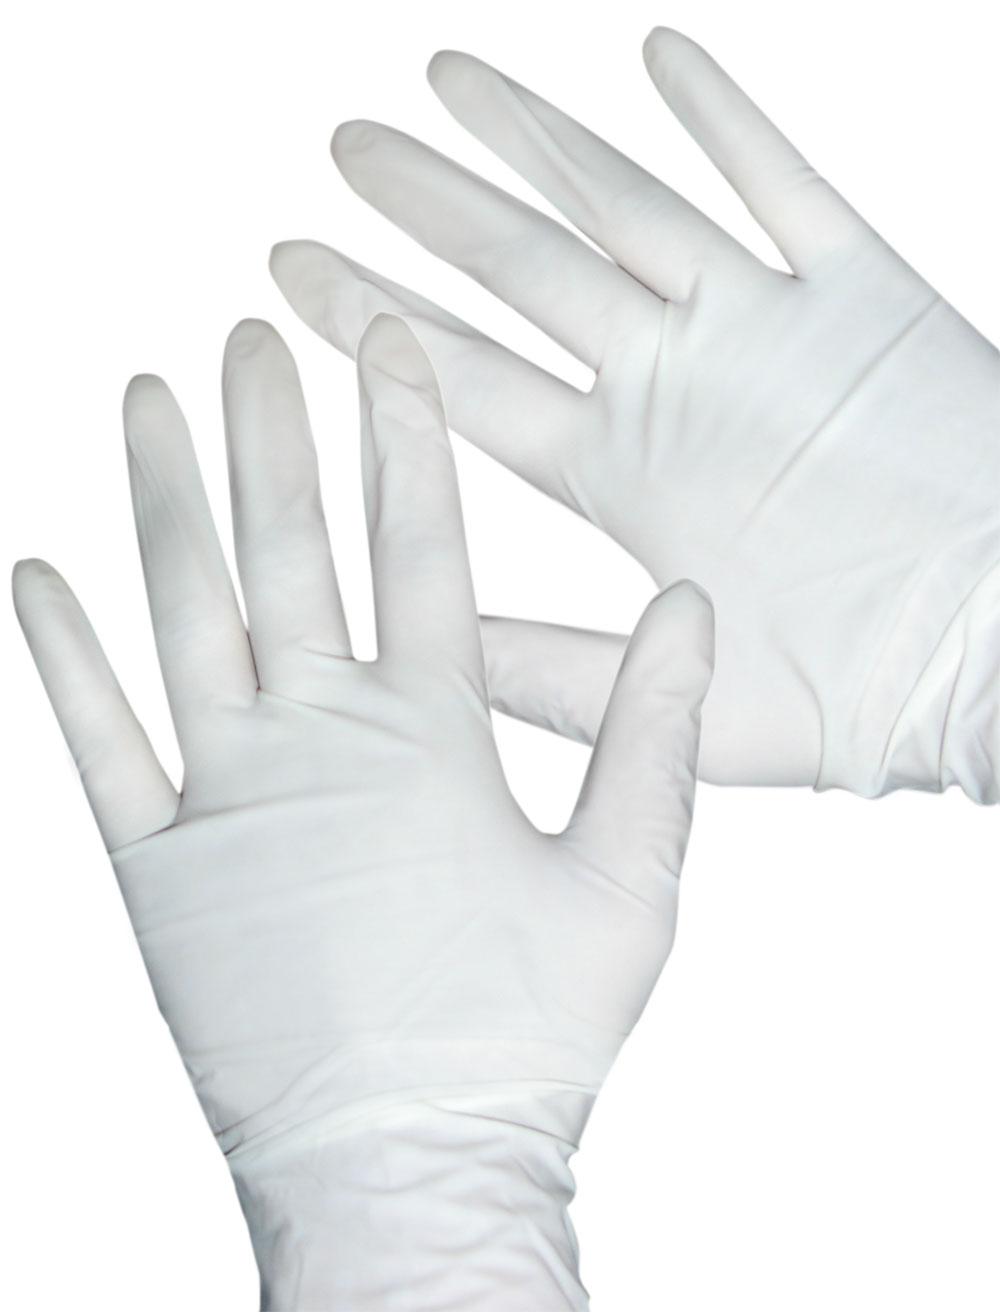 short rubber gloves